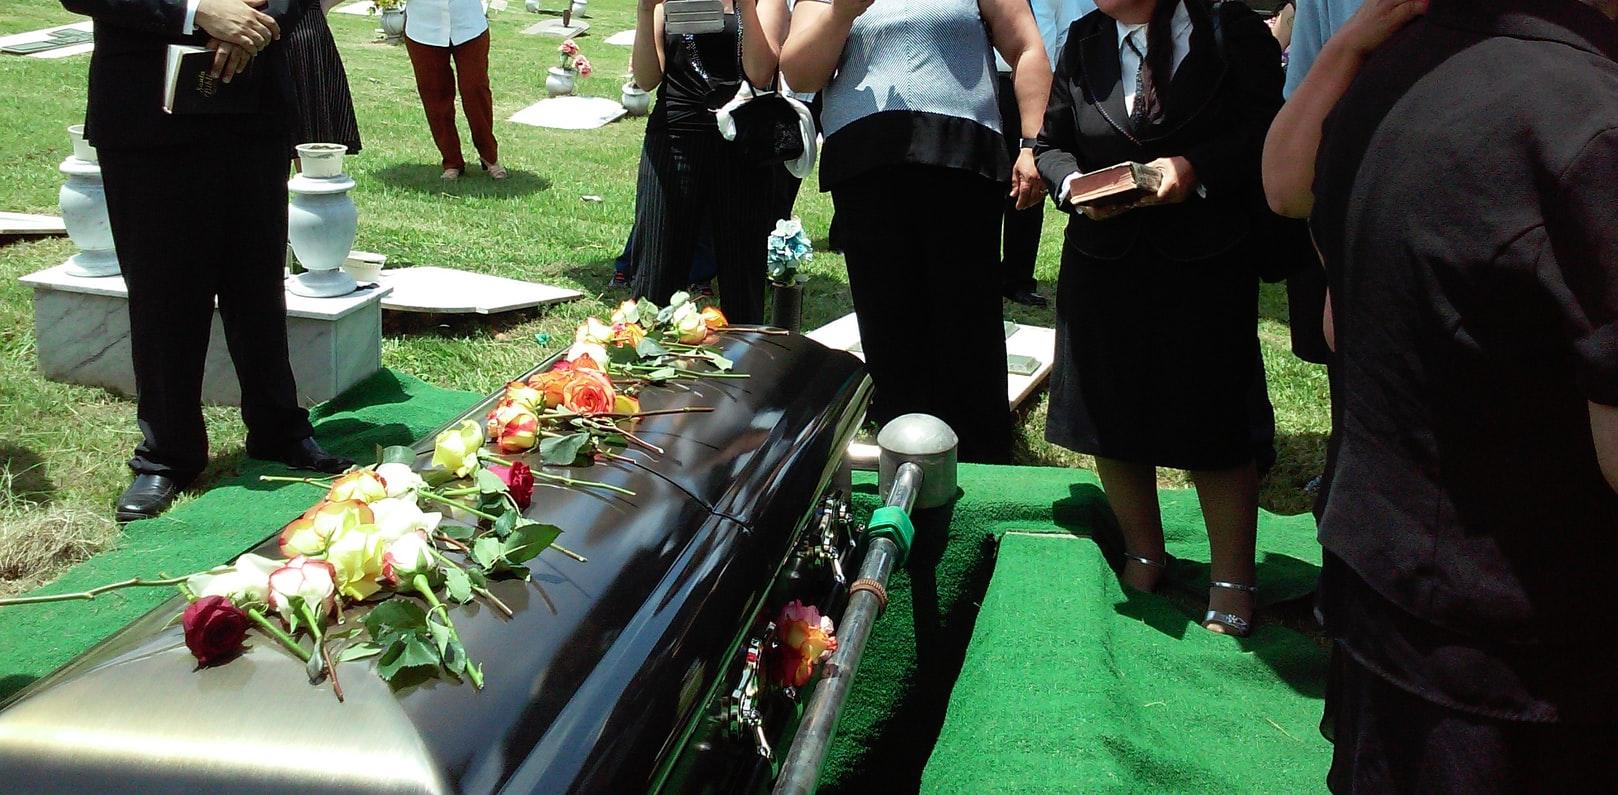 Comment personnaliser une plaque funéraire ?